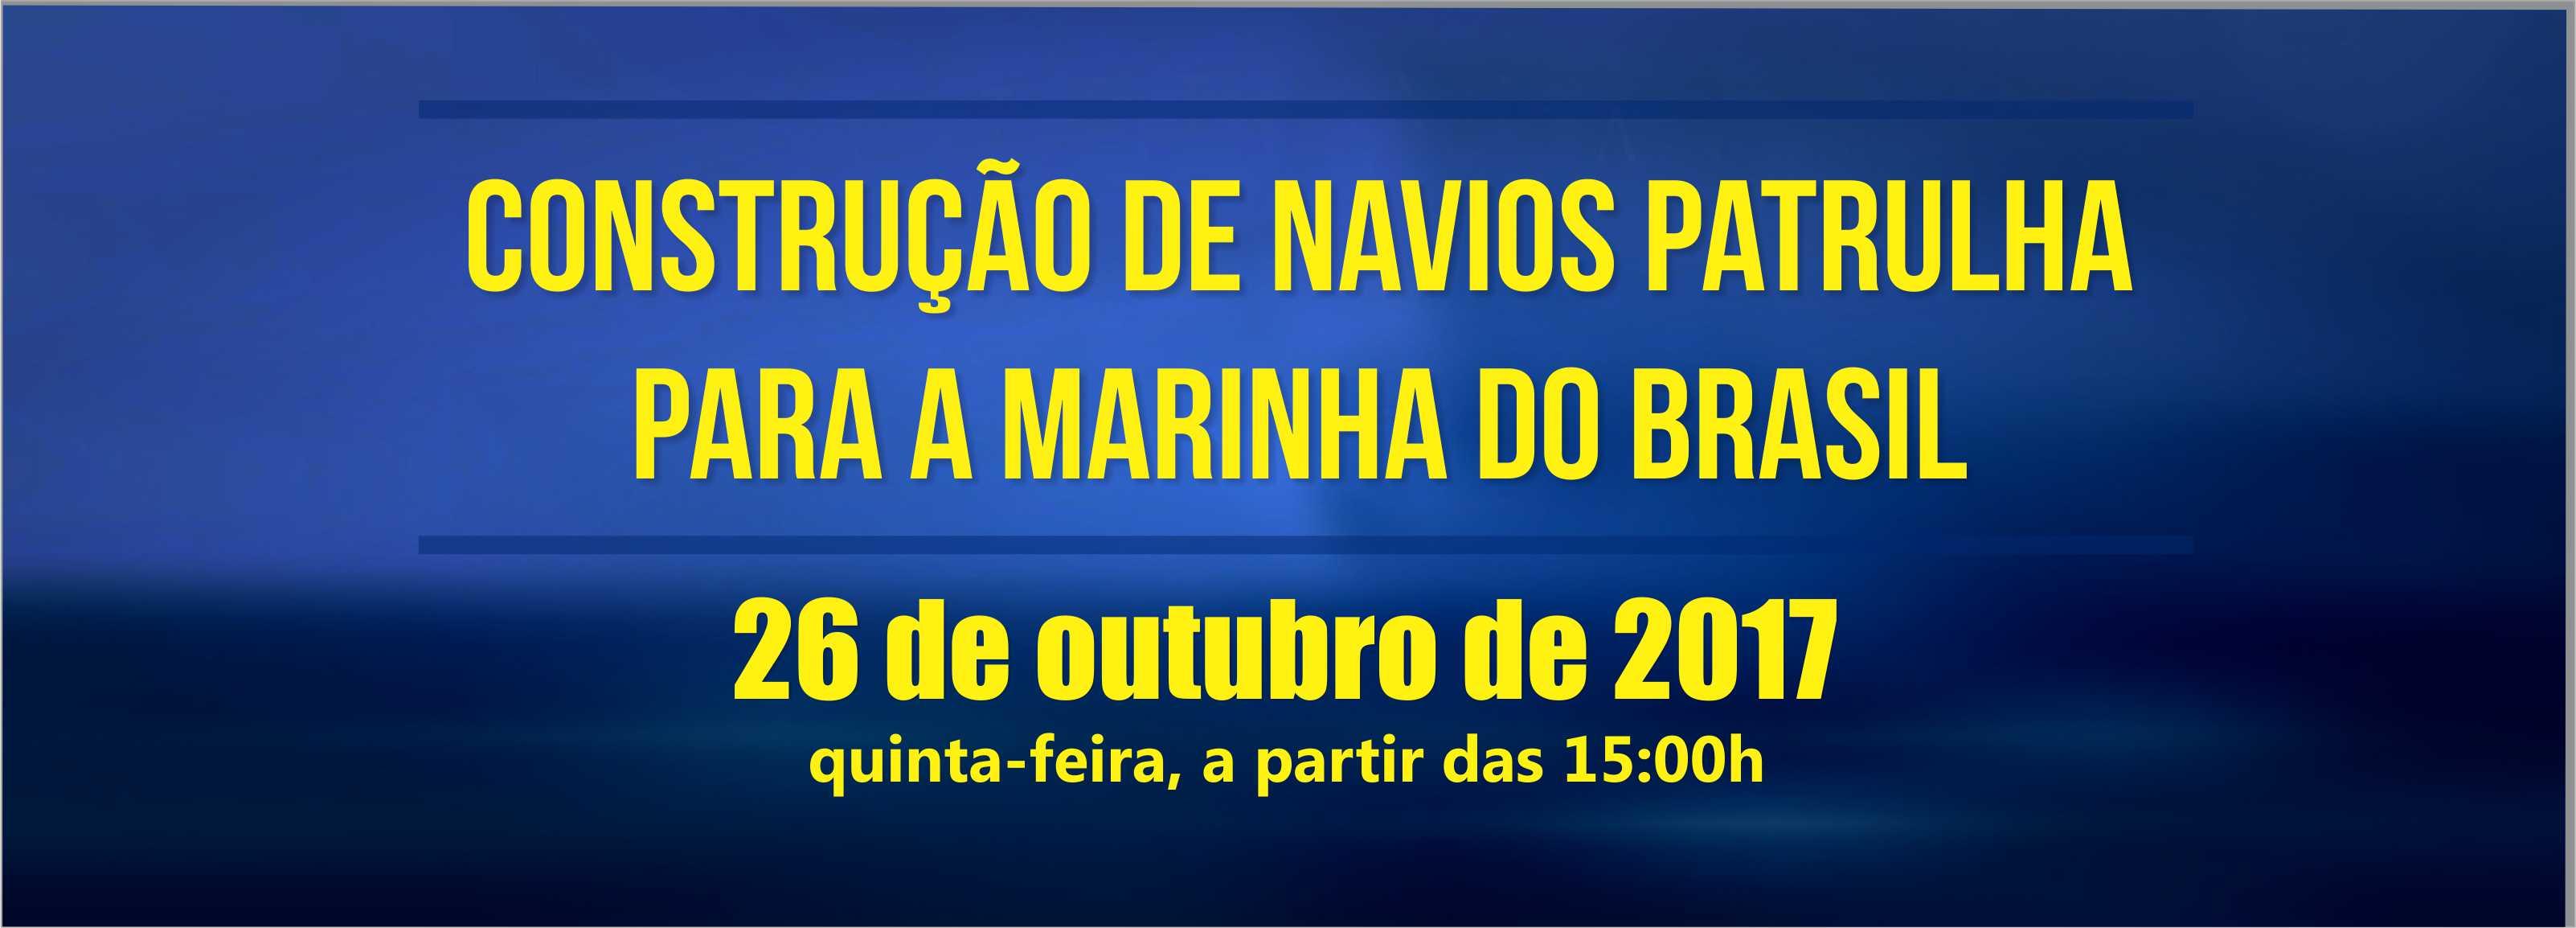 https://www.clubenaval.org.br/novo/painel-sobre-constru%C3%A7%C3%A3o-de-navios-patrulha-para-marinha-do-brasil